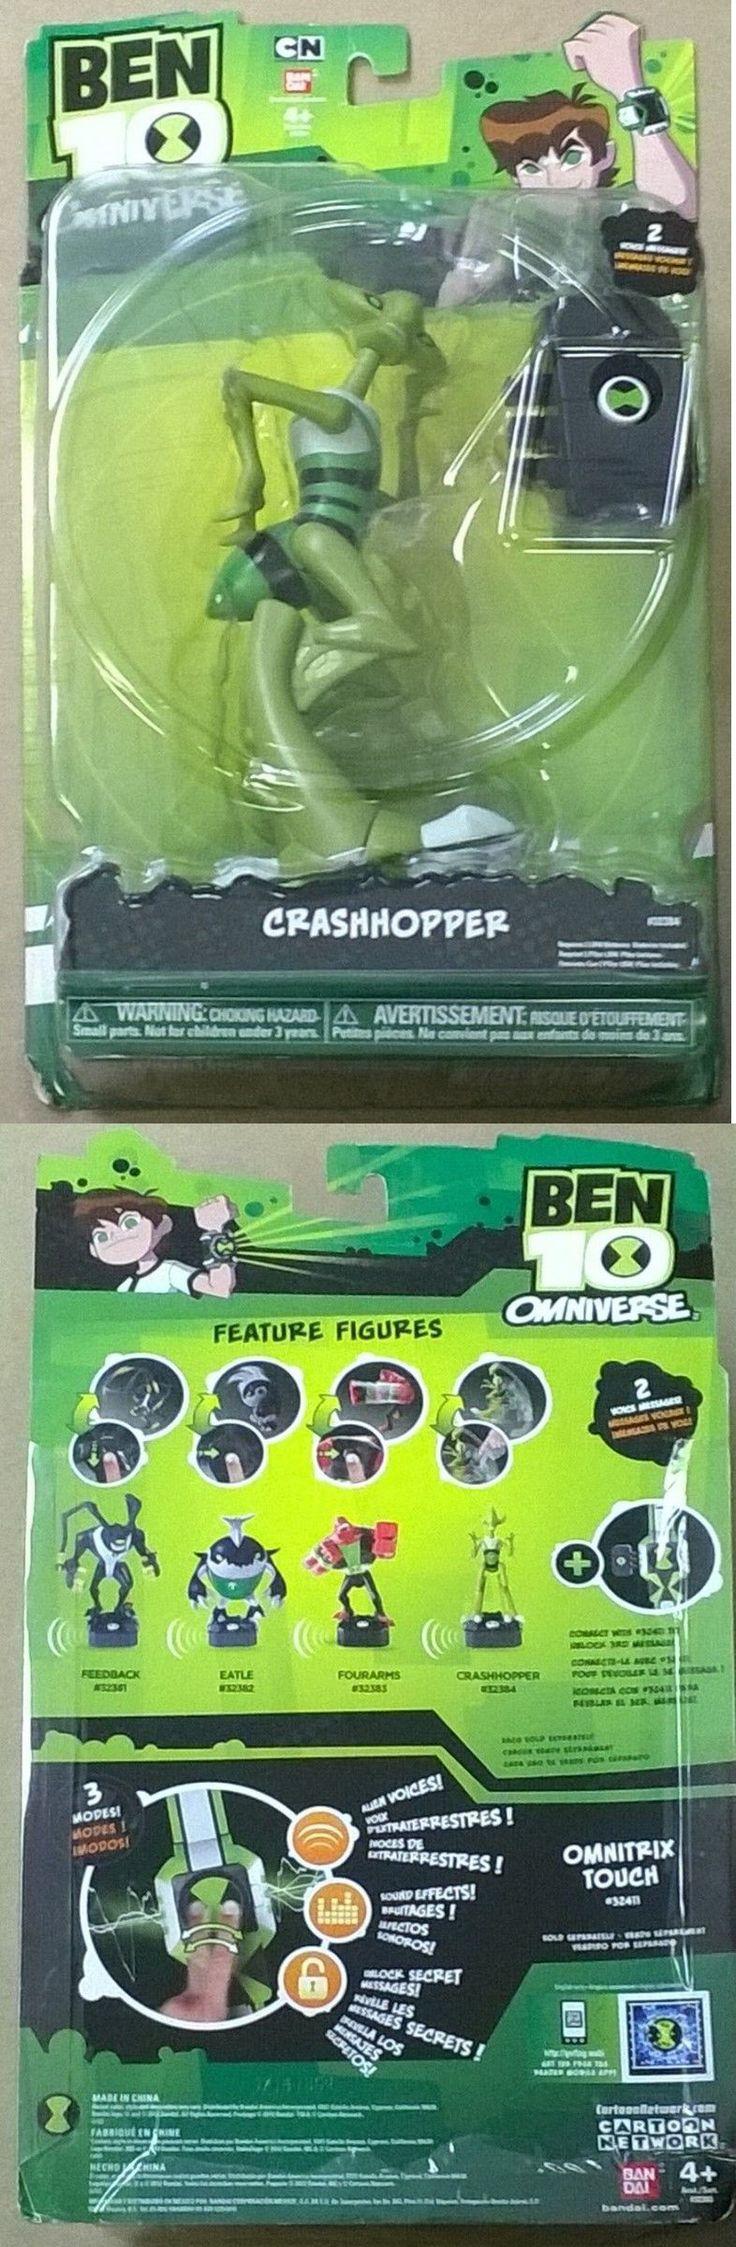 Ben 10 152906: Action Figure Ben 10 Omniverse 32384 Crashhopper New -> BUY IT NOW ONLY: $37.97 on eBay!